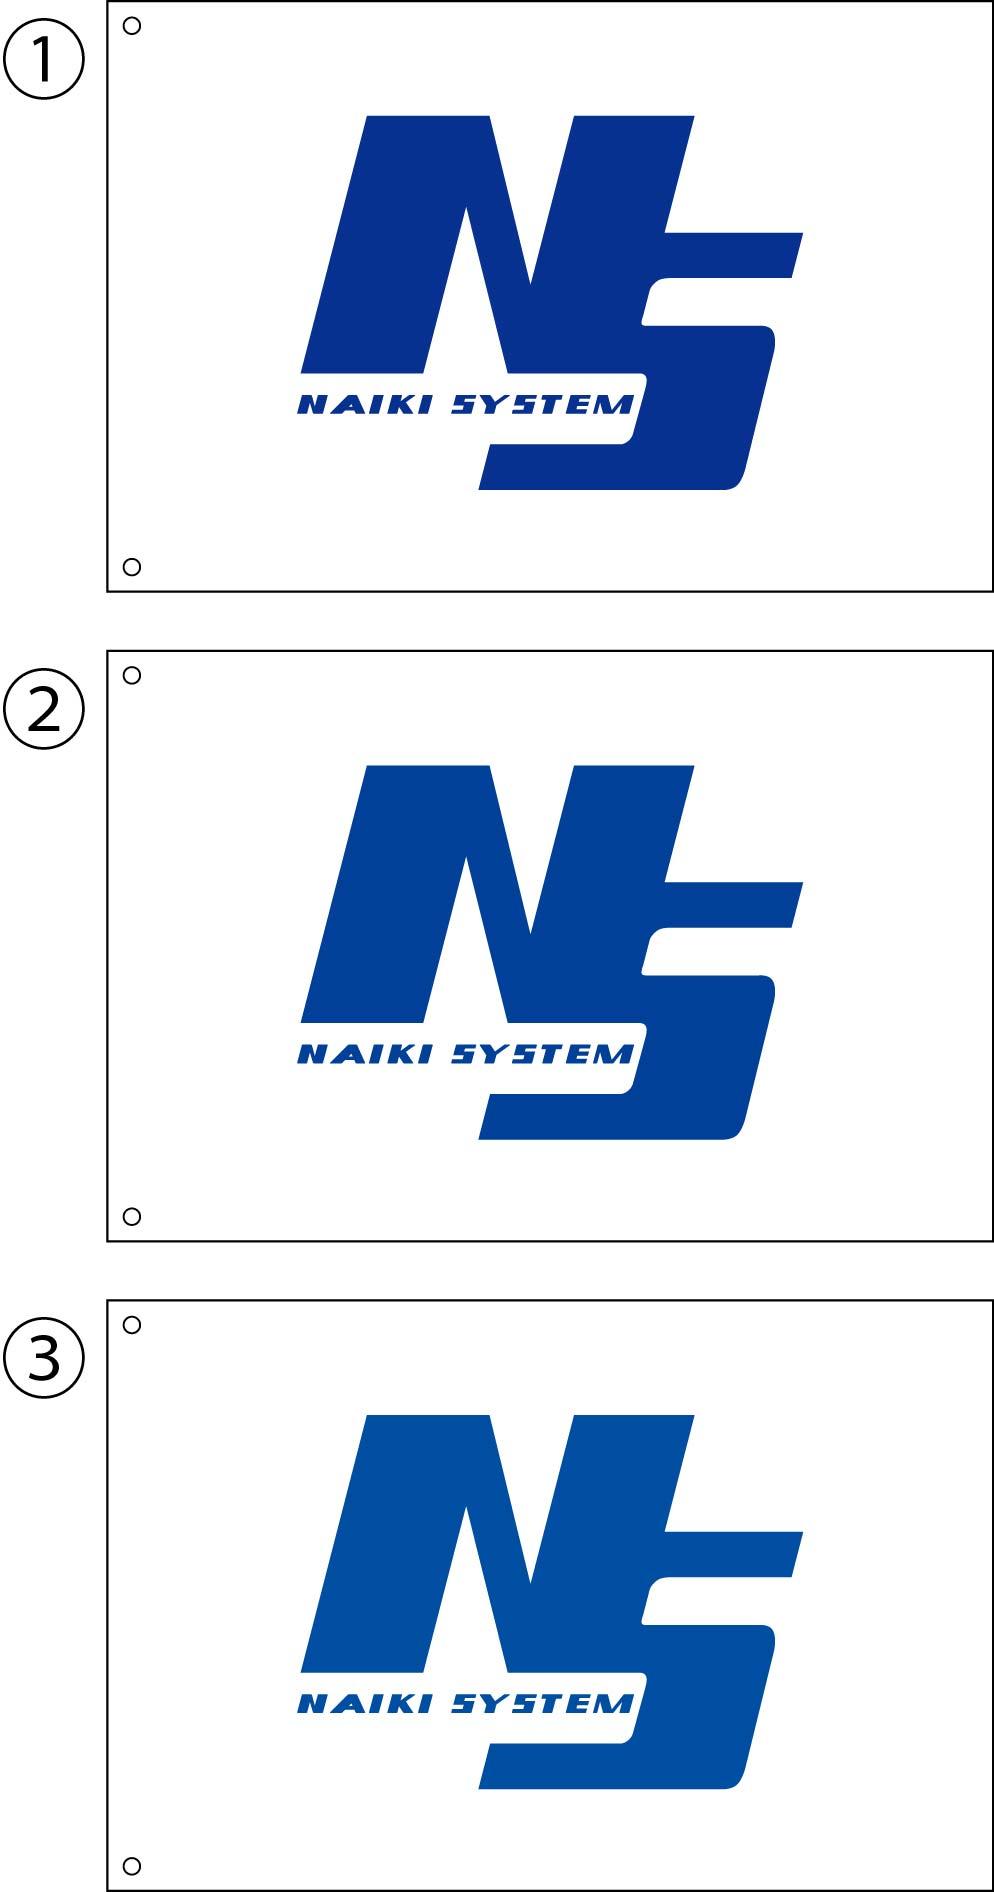 NAIKI SYSTEM 旗 原稿